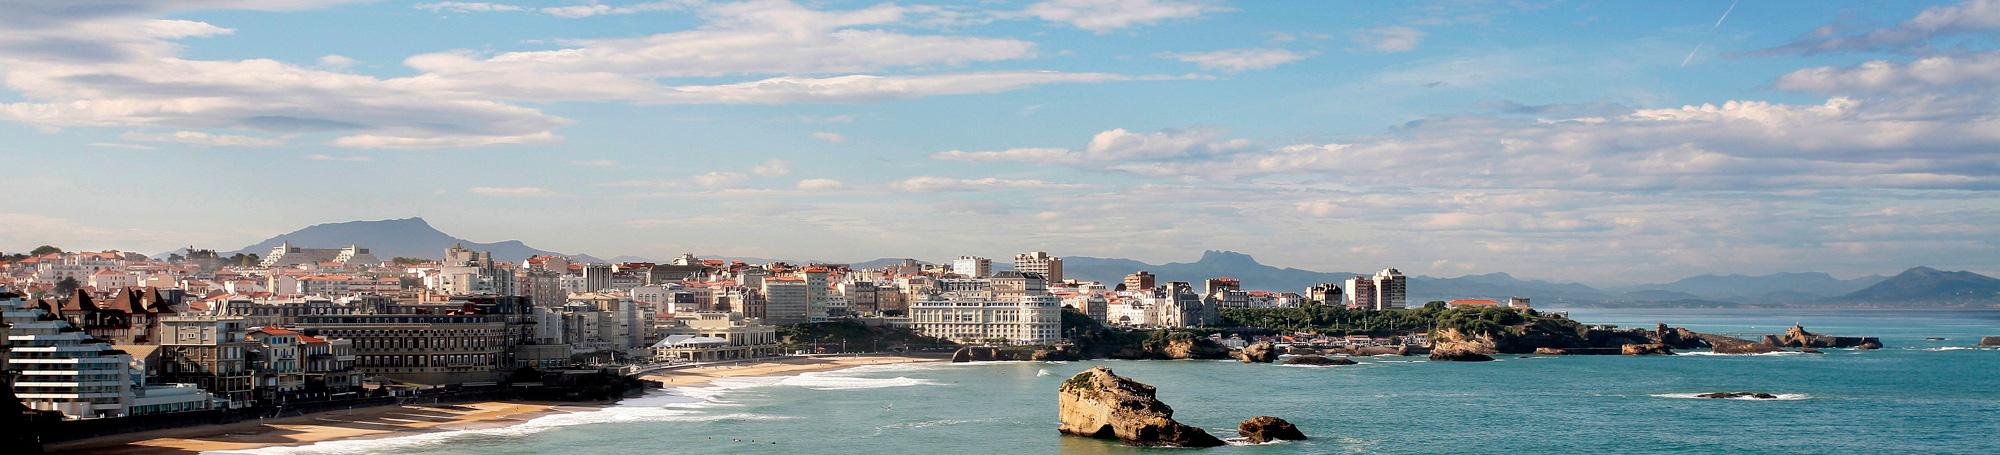 Photographe Immobilier Aquitaine, Landes, Pays Basque et Béarn 4